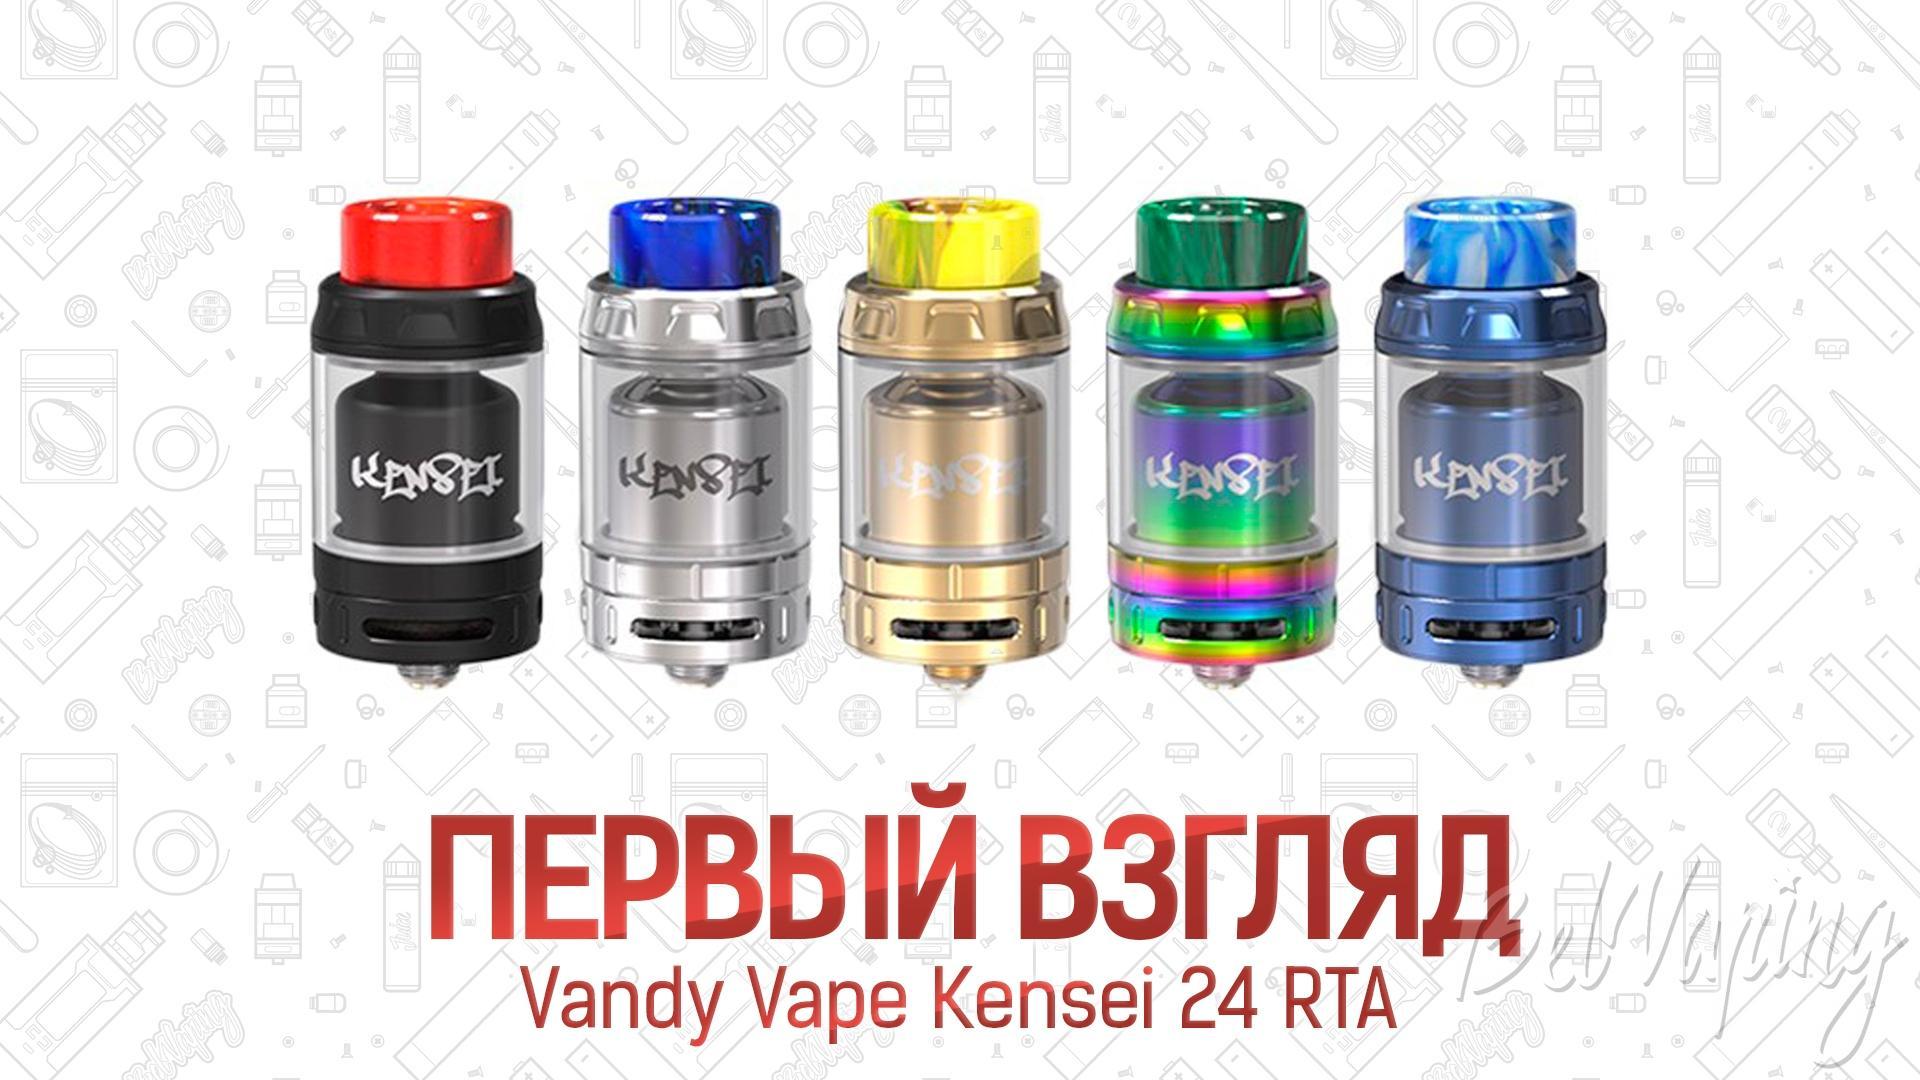 Vandy Vape Kensei 24 RTA. Первый взгляд